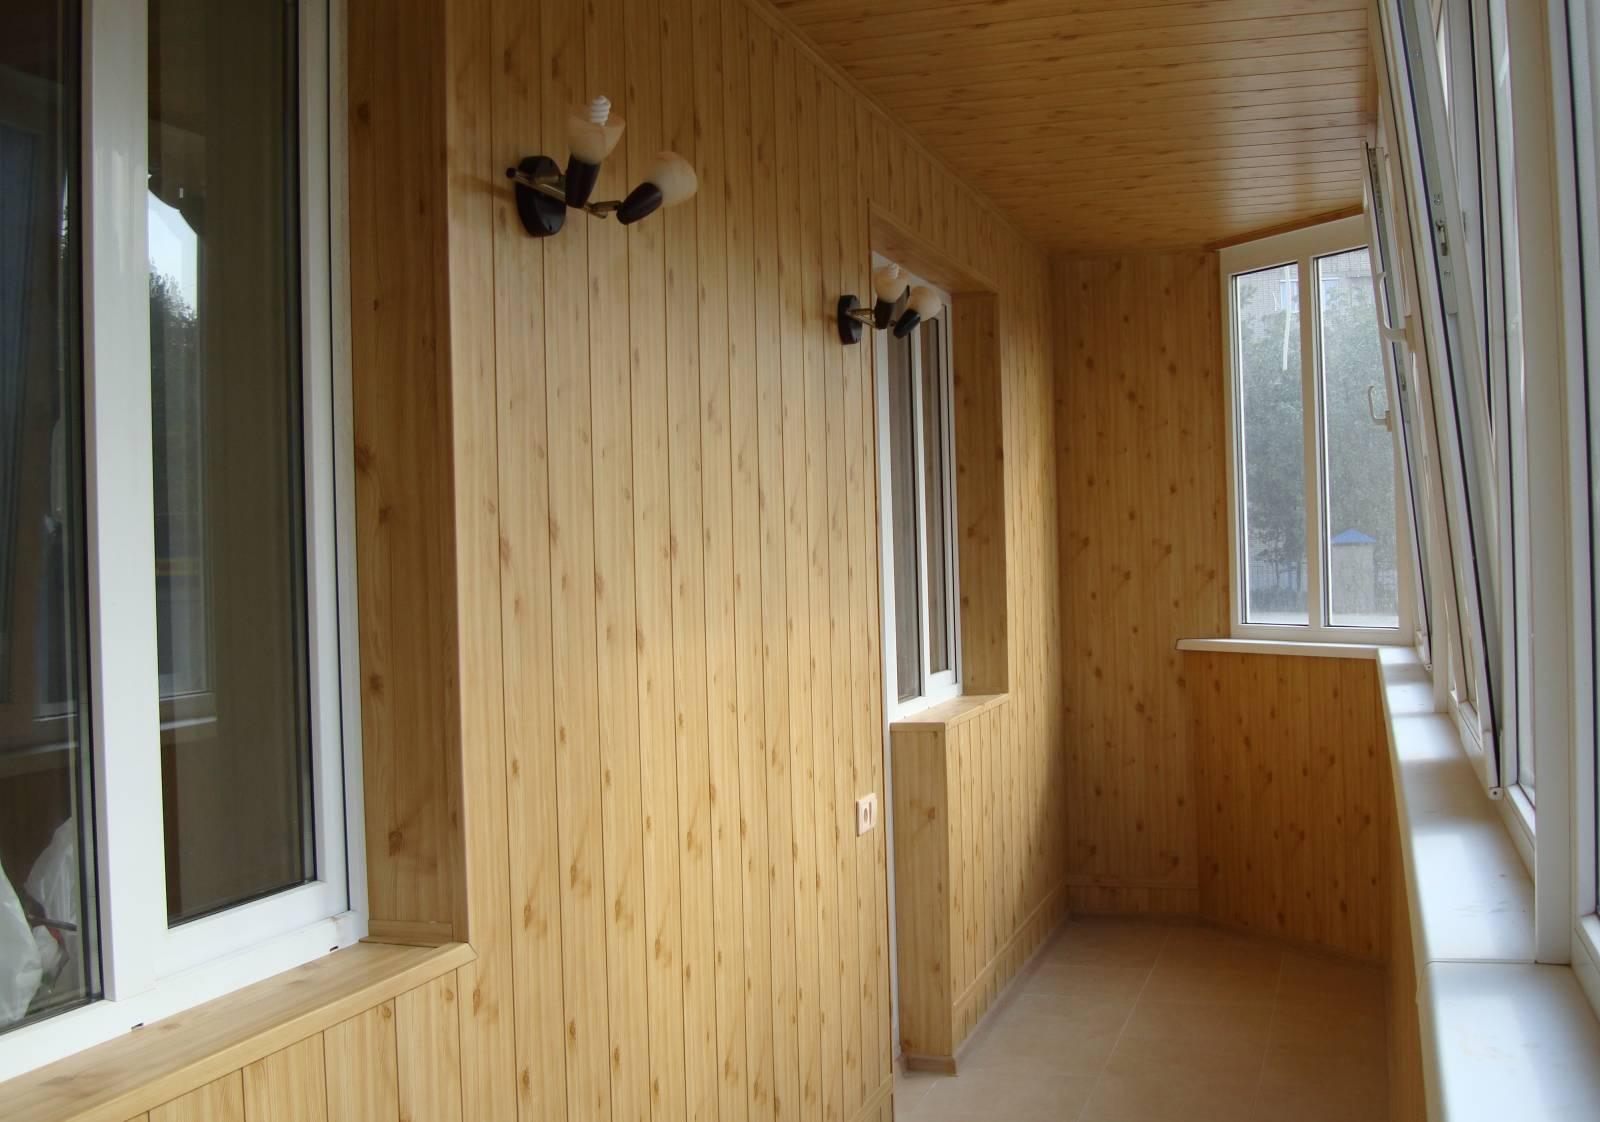 Обшивка балкона изнутри и снаружи своими руками: 5 вариантов.